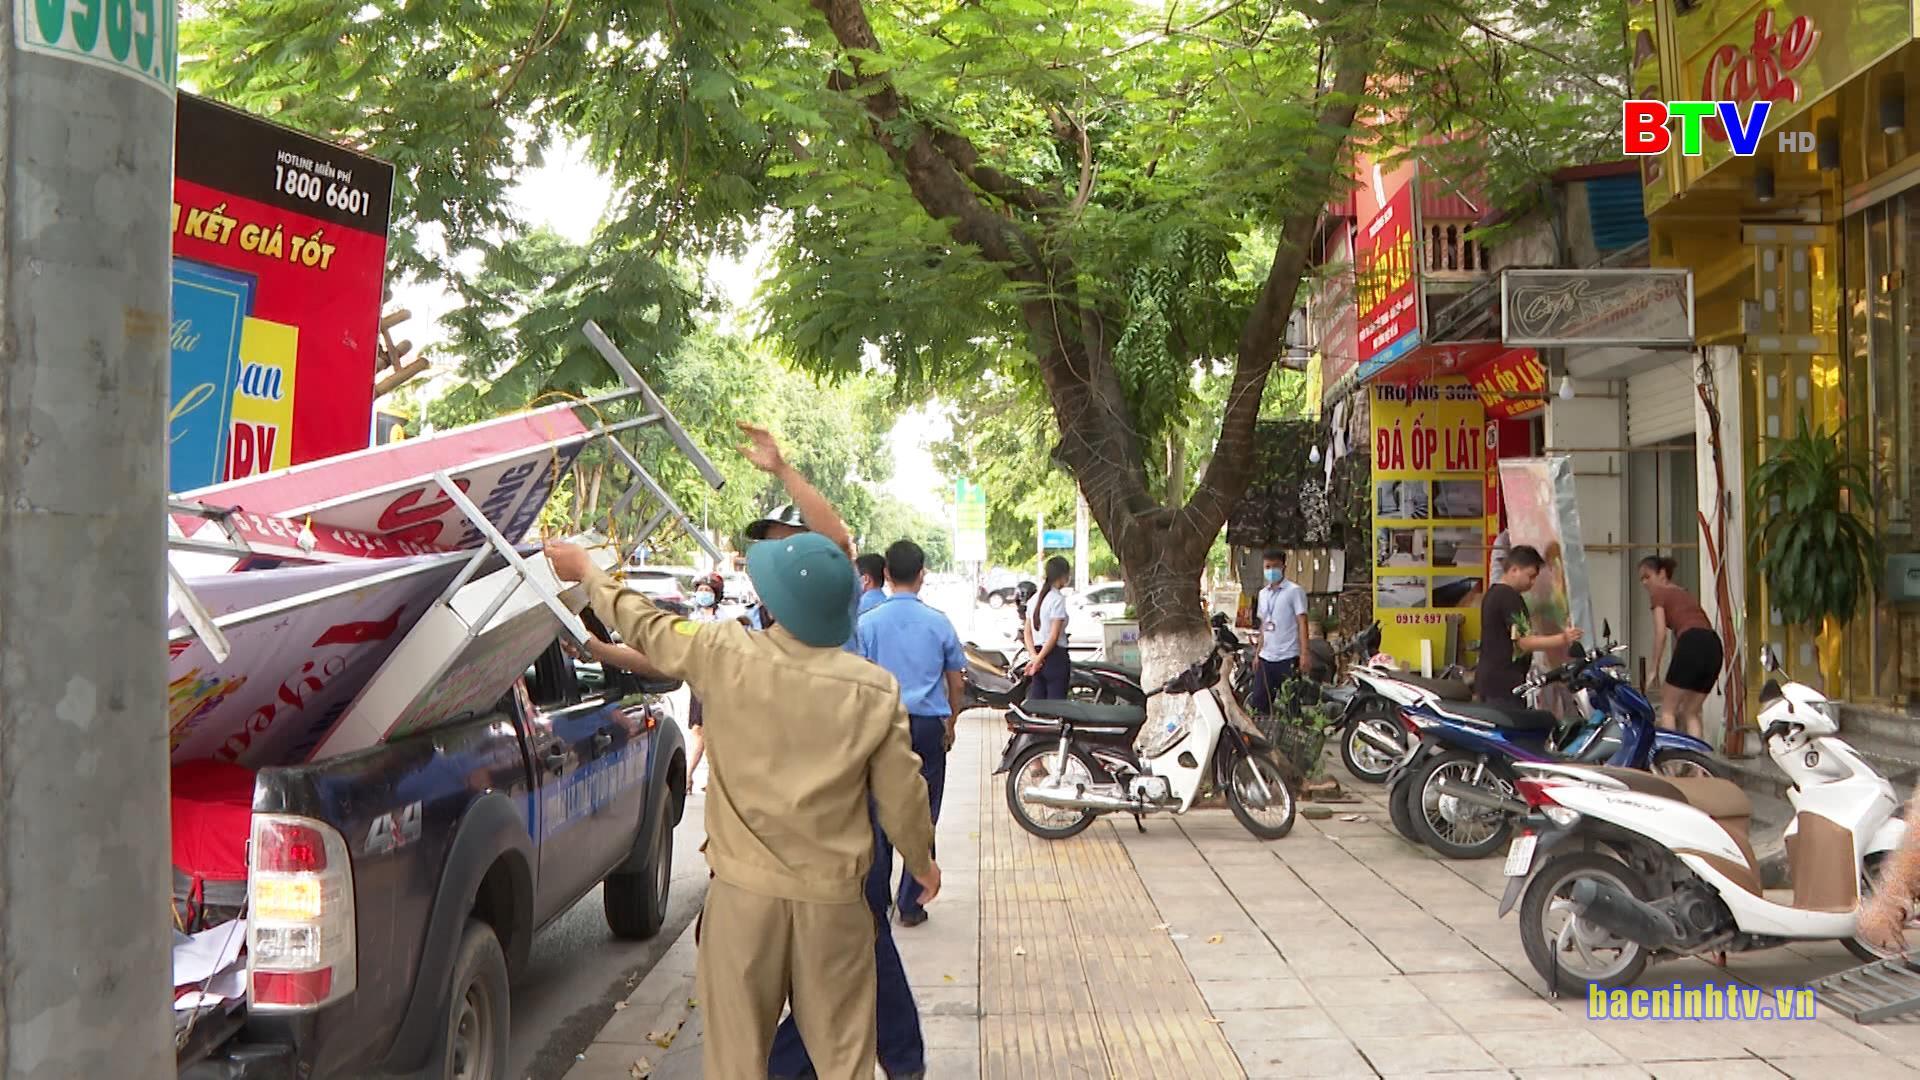 Xử lý triệt để vi phạm hành lang An toàn giao thông, trật tự đô thị